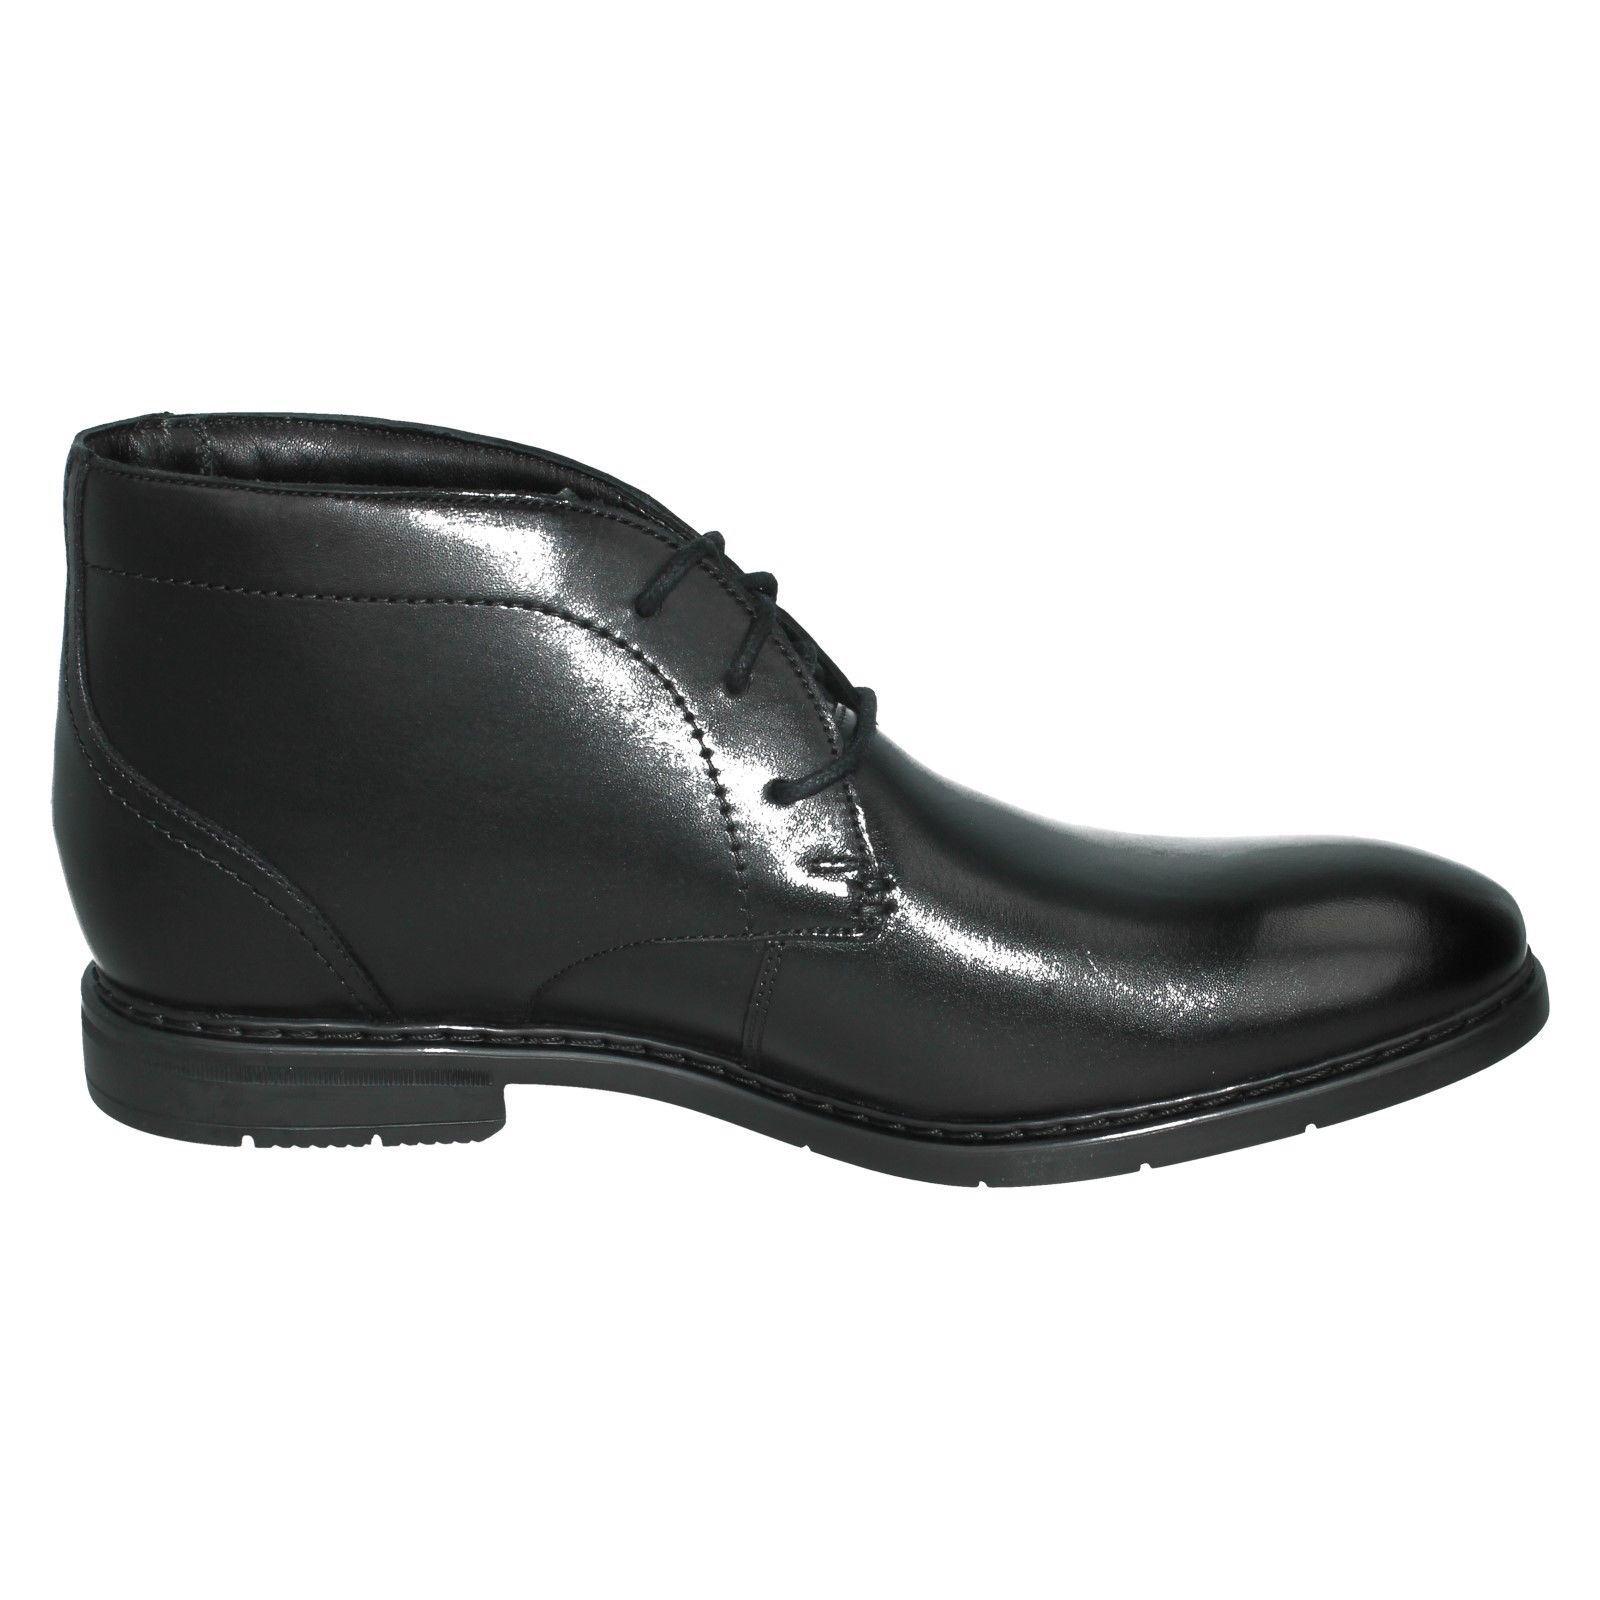 Hombre Clarks Cuero Inteligente estilo-Banbury Botas al Tobillo mediados del estilo-Banbury Inteligente 10e802